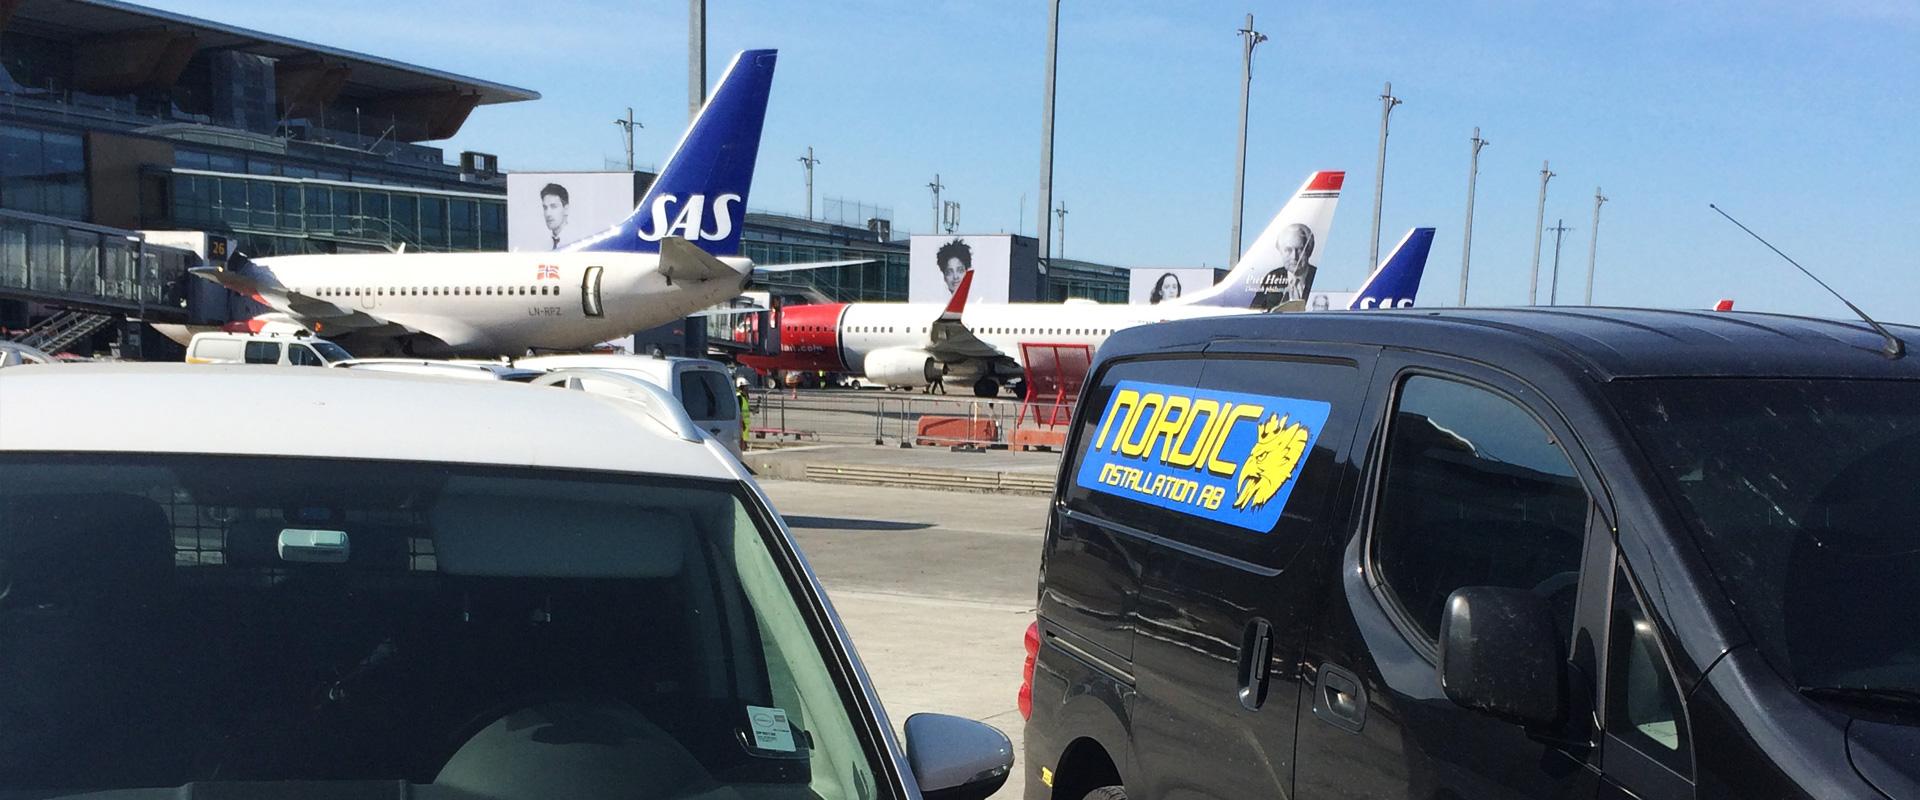 Gardermoen Airport Norway